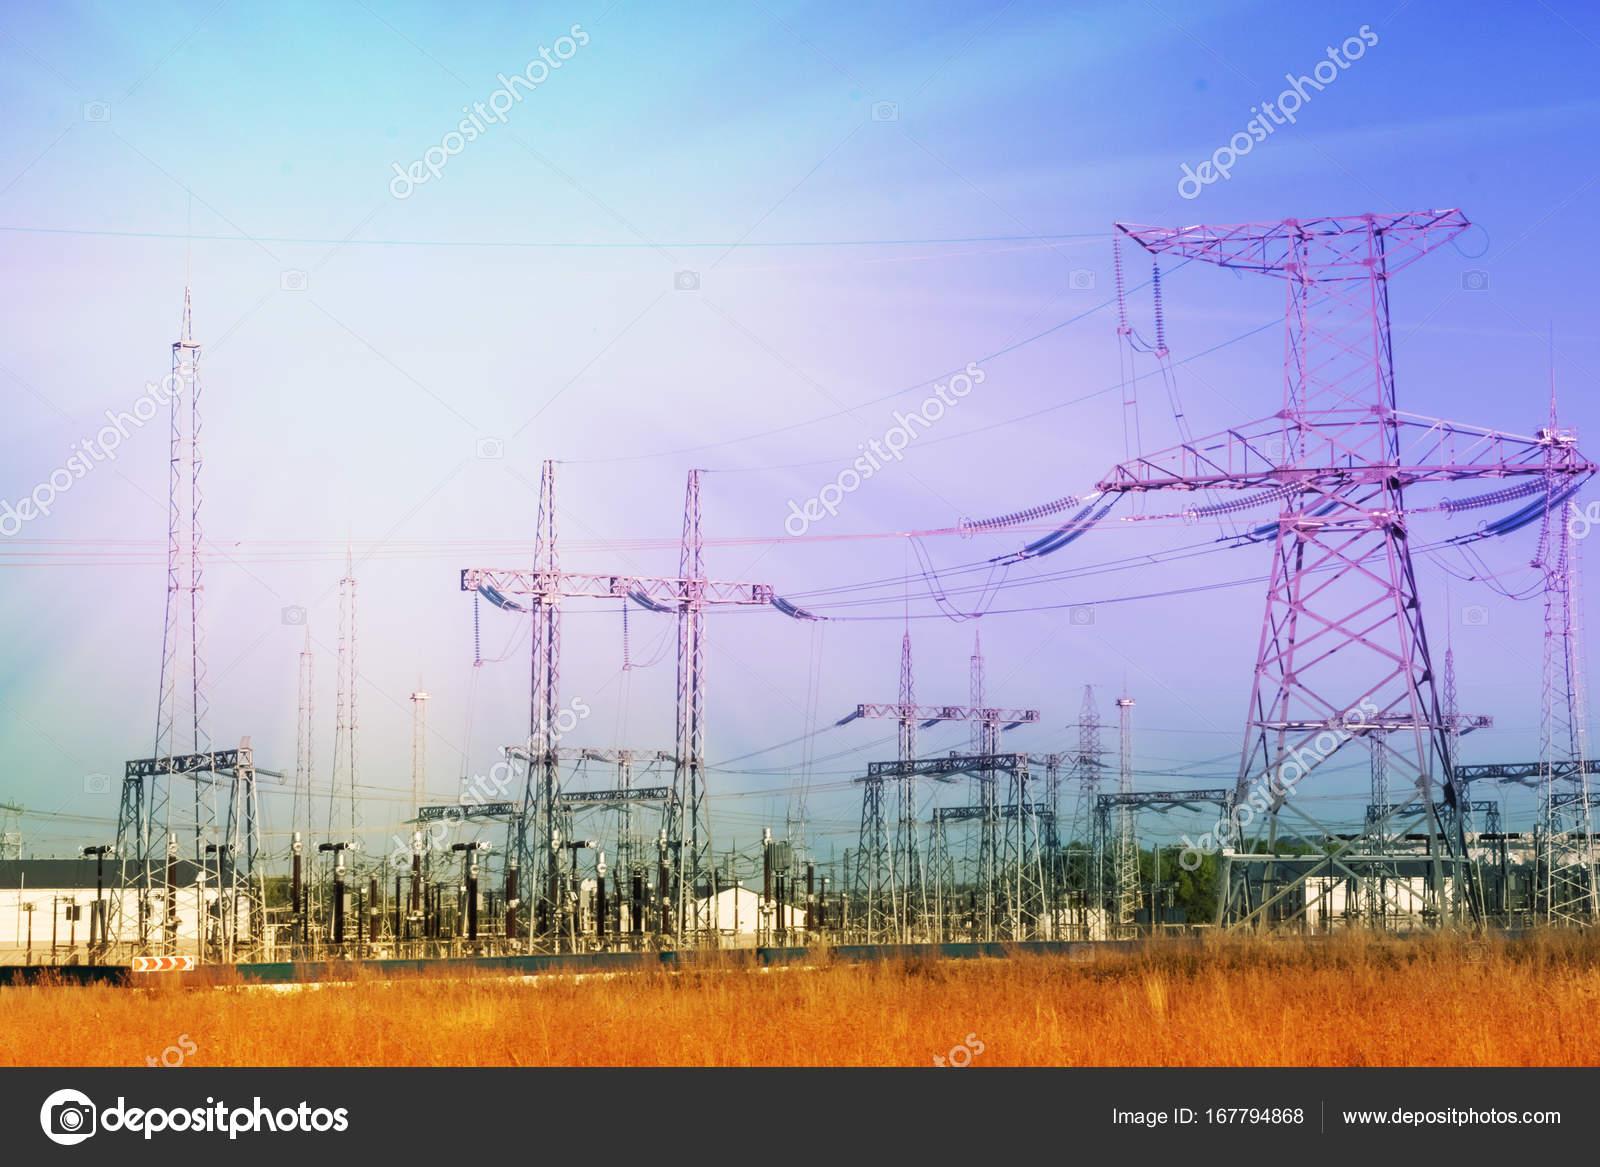 Bahnhof elektrische Leitungen Energie elektrische Pole Gebäude ...